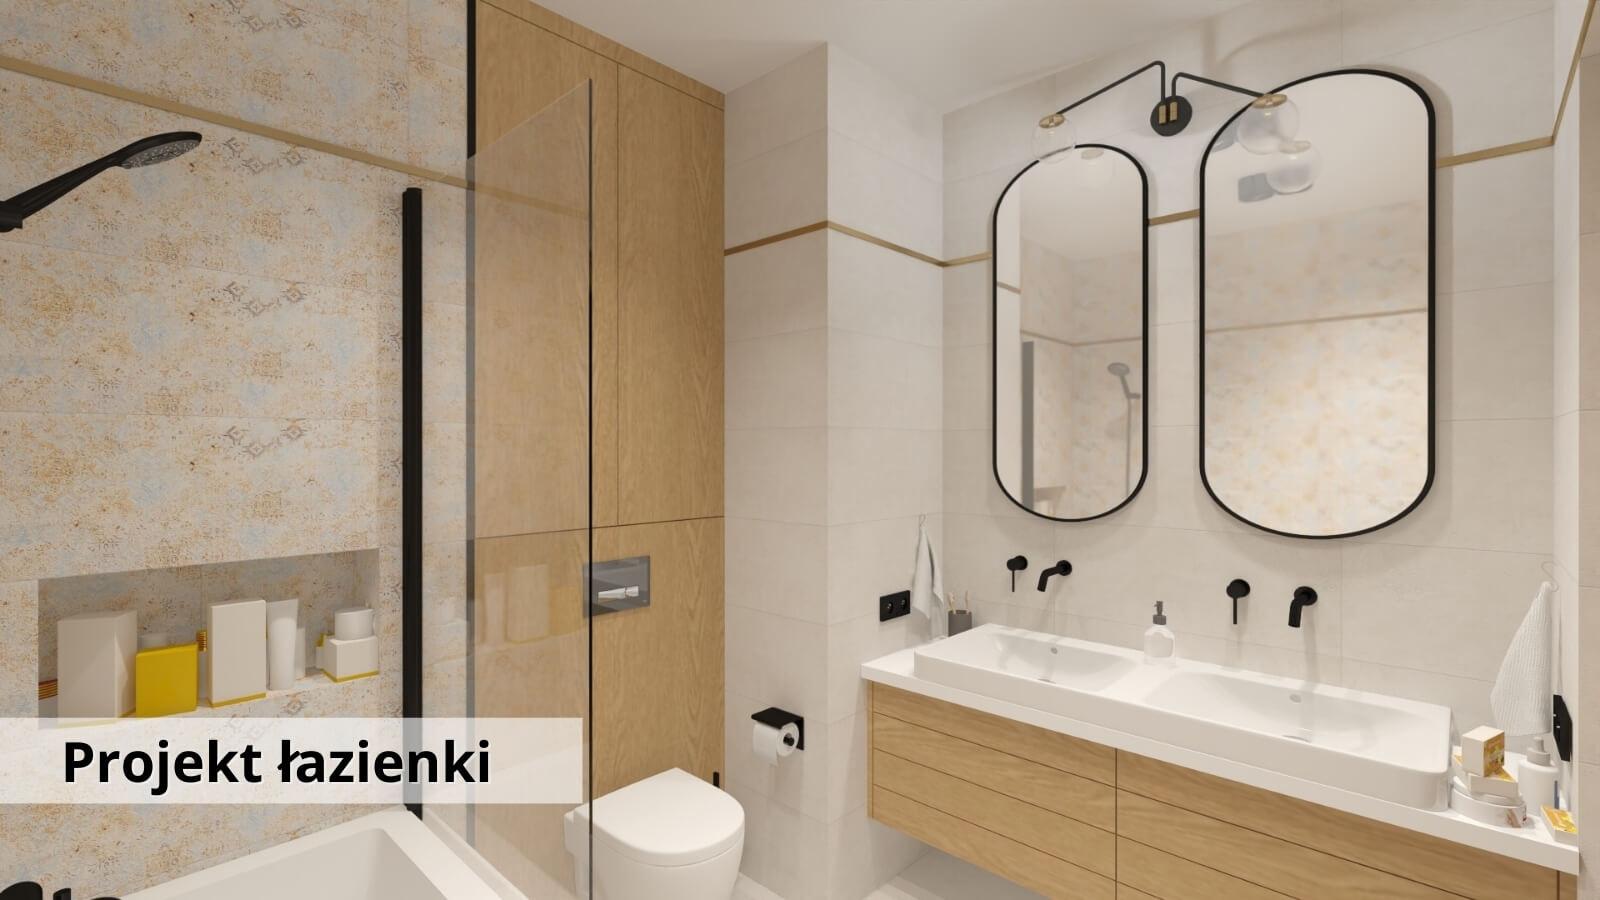 Projekt i aranżacja łazienki - Warszawa